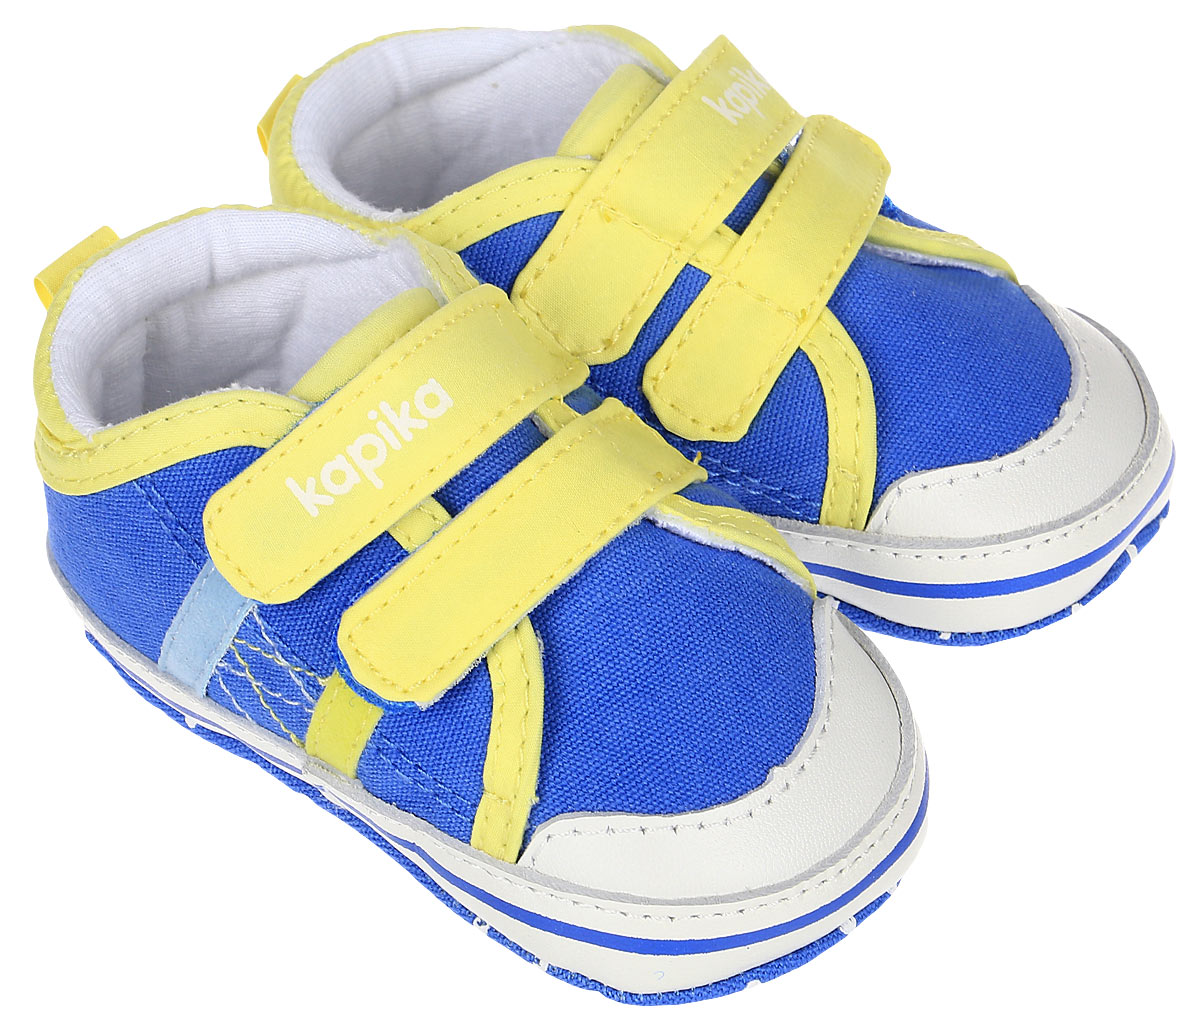 Пинетки для мальчика Kapika, цвет: голубой, желтый. 10128. Размер 1610128Стильные и модные пинетки для мальчика Kapika выполнены из текстиля с элементами из натуральной кожи. Модель на застежках-липучках, которые надежно фиксирует пинетки на ножке ребенка и позволяет регулировать их объем. Удобные детские пинетки станут любимой обувью вашего ребенка.